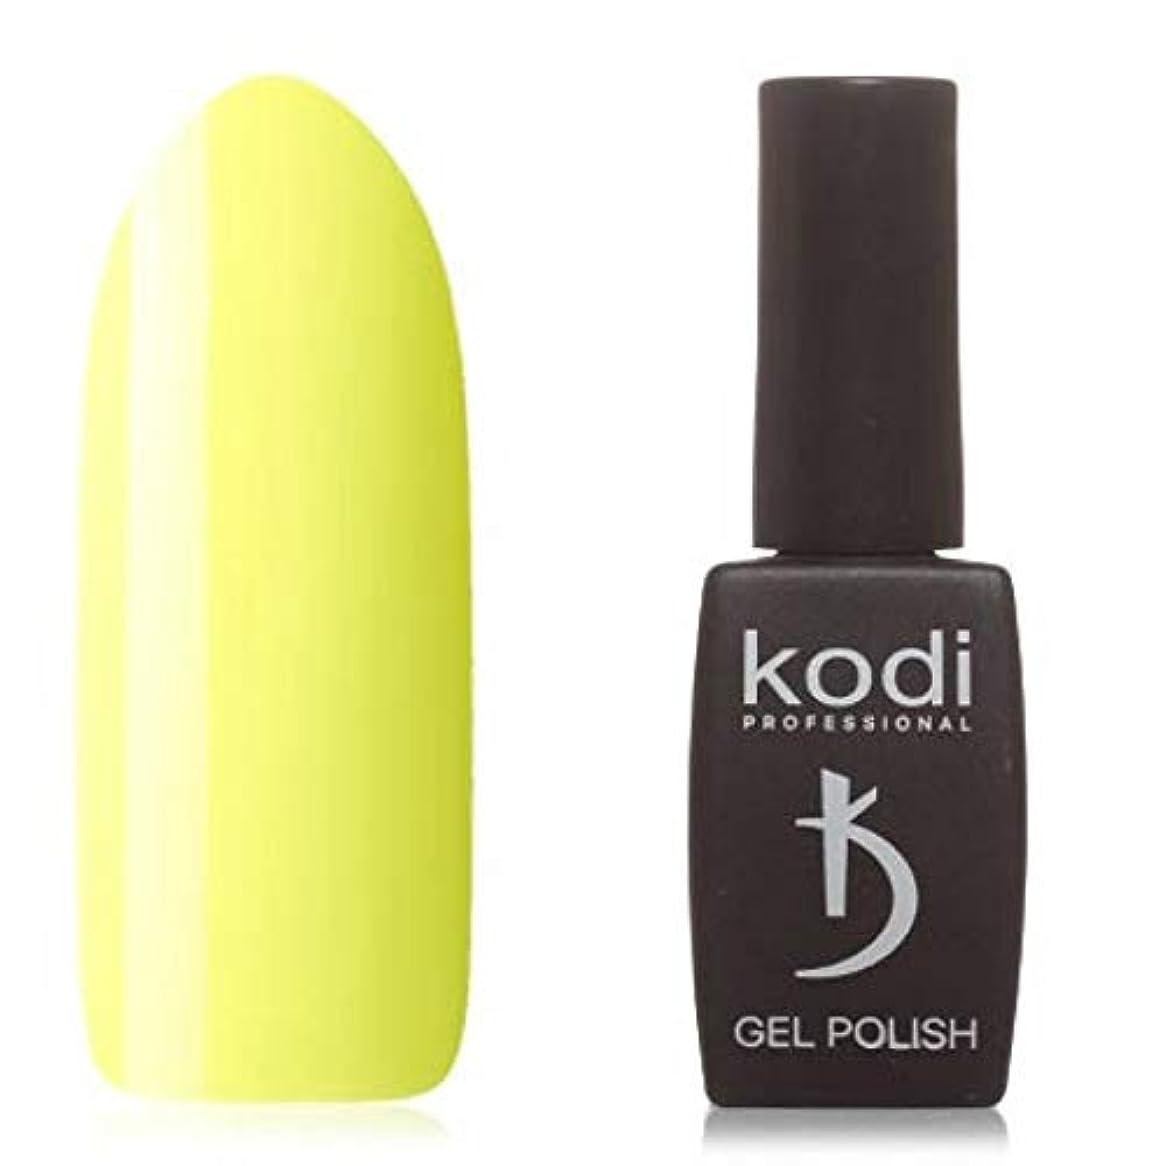 純粋に蒸発する任命Kodi Professional New Collection BR BRIGHT #110 Color Gel Nail Polish 12ml 0.42 Fl Oz LED UV Genuine Soak Off